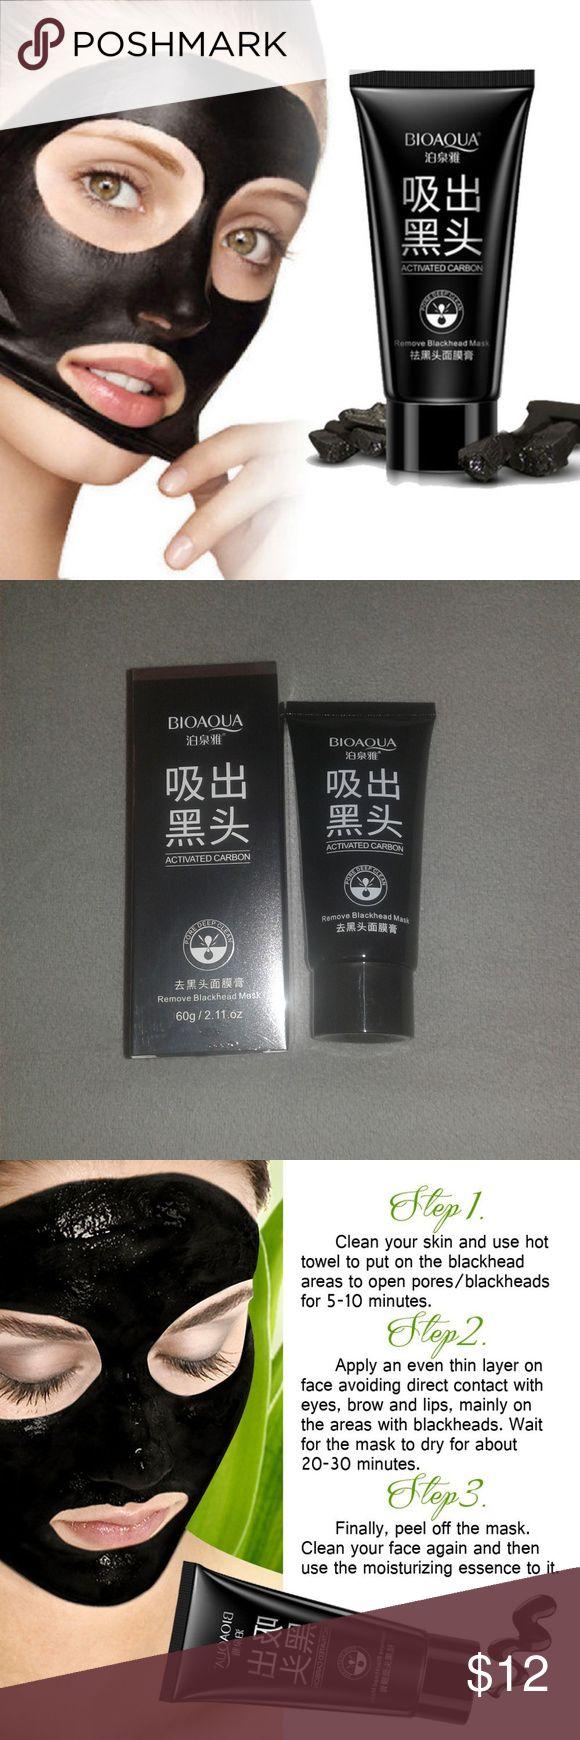 X3 Bioaqua Carbon Activated Charcoal Face Mask Boutique Masker